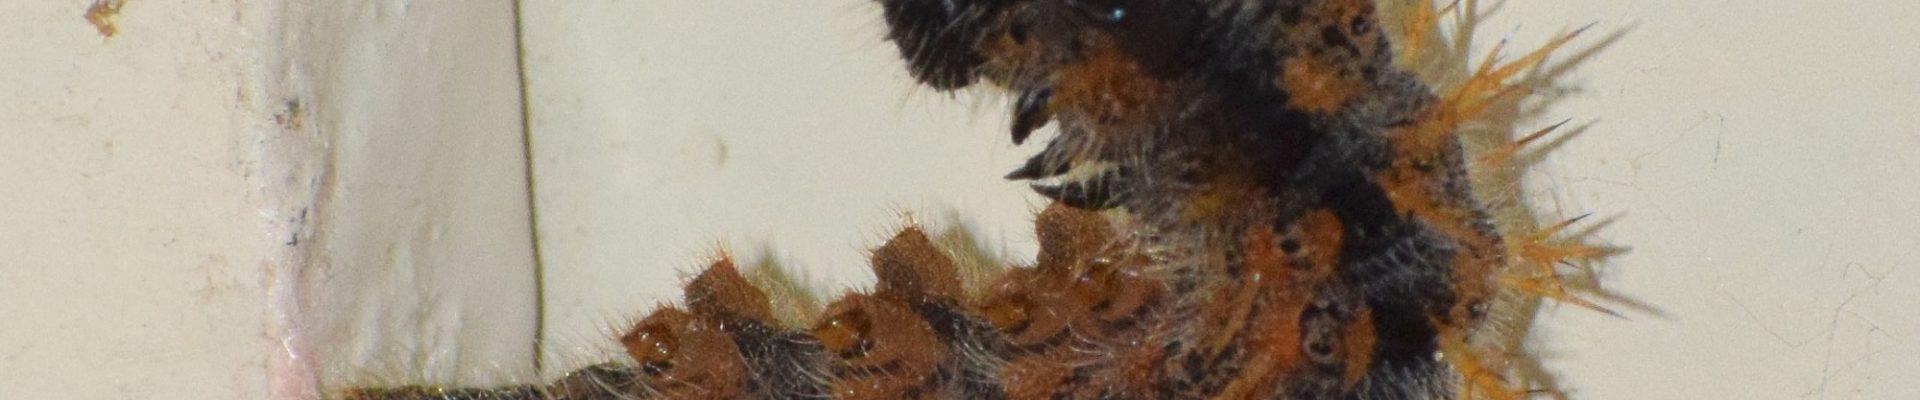 Haast niet te geloven: 7 rupsen van Grote vos